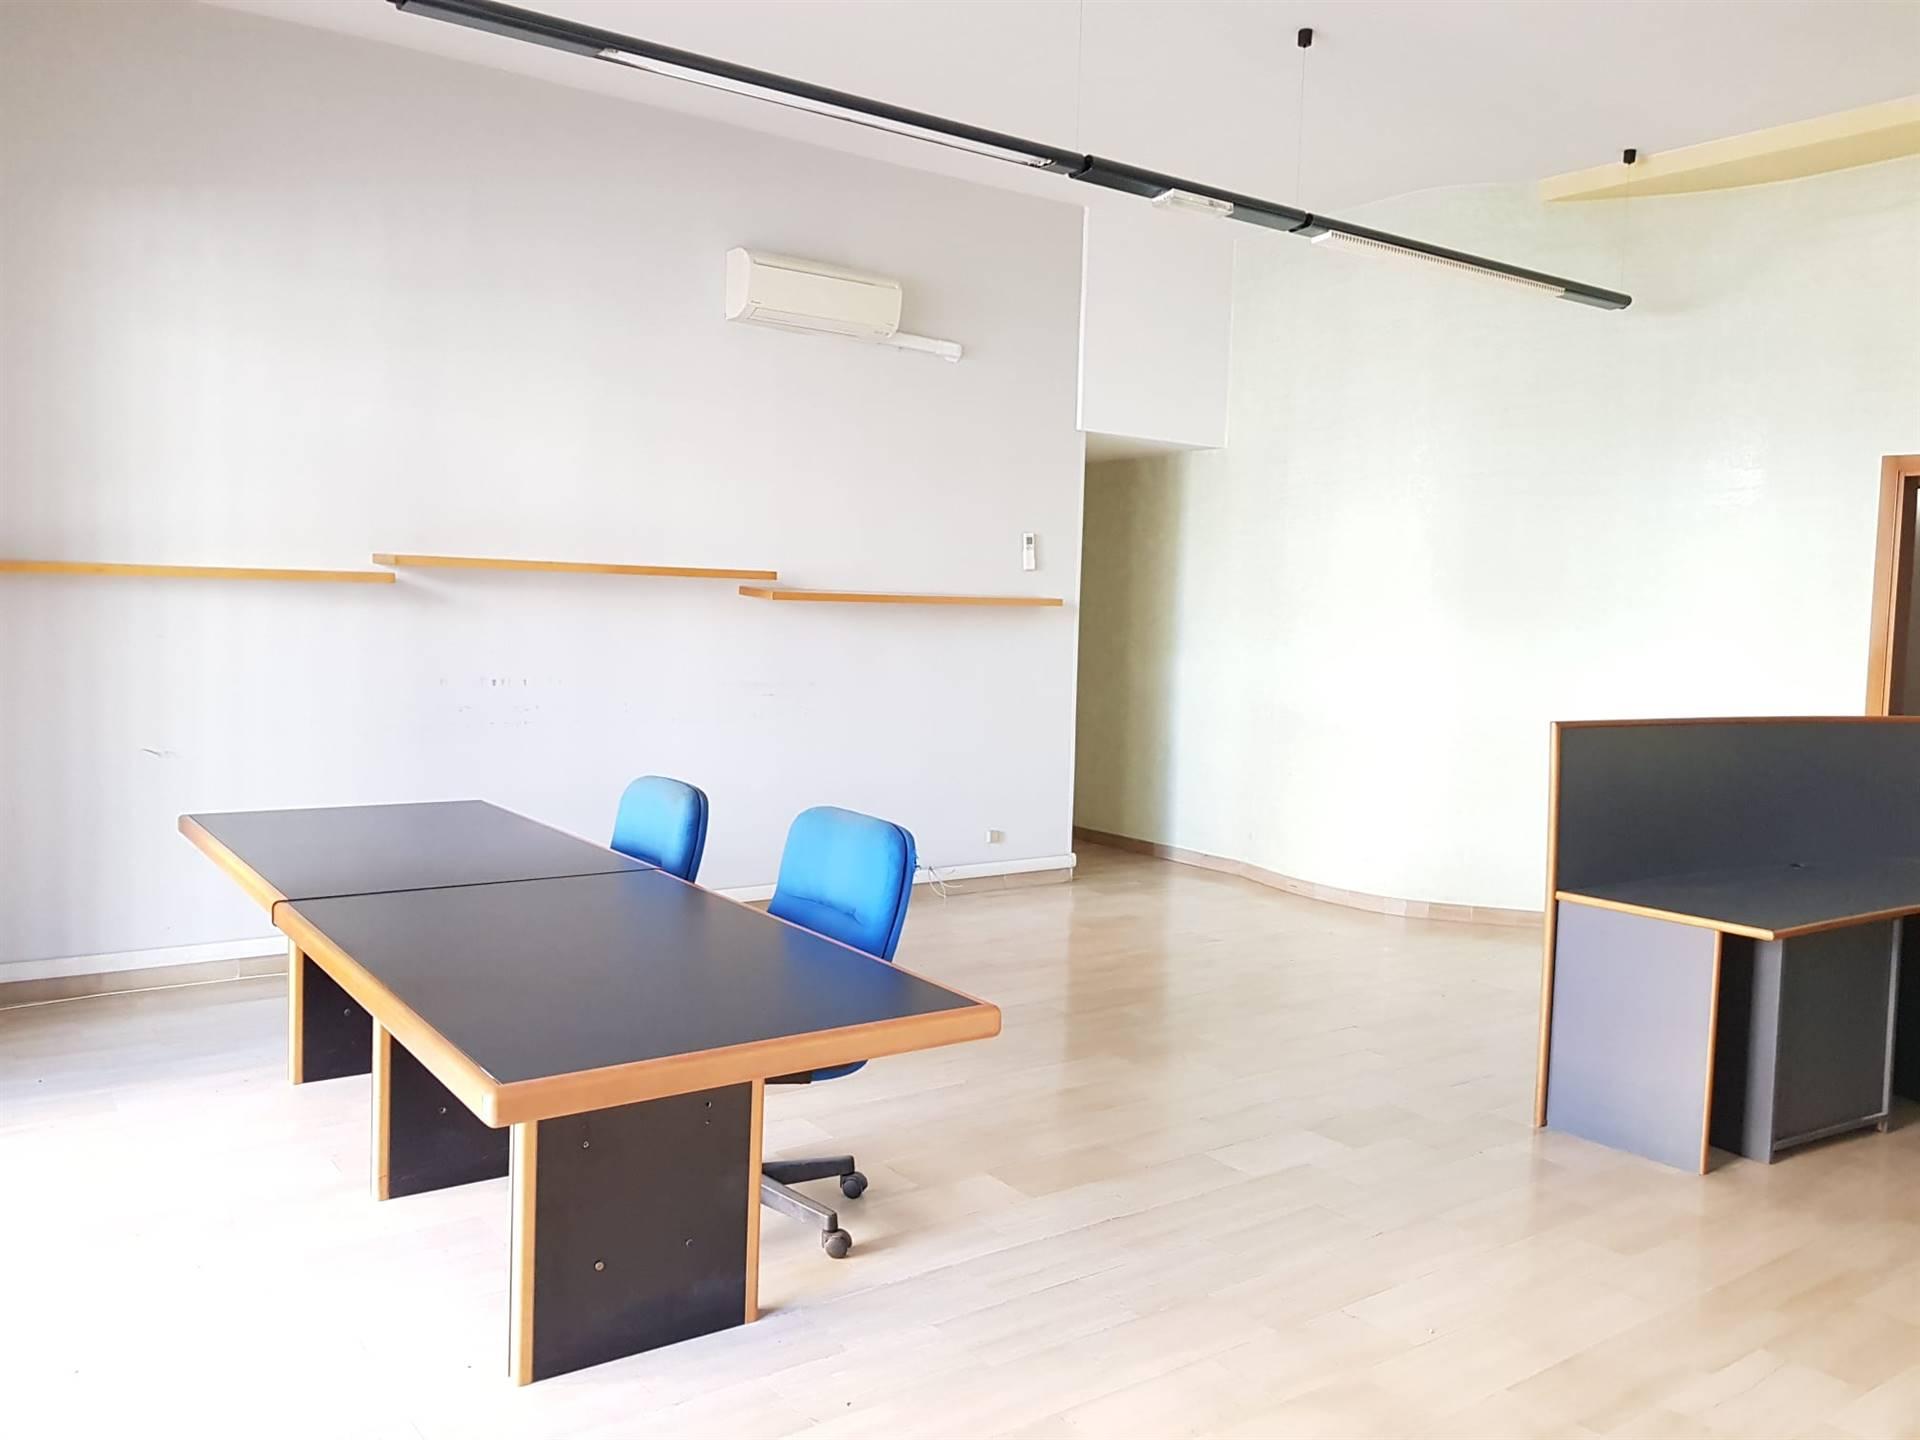 Negozio / Locale in affitto a Matera, 3 locali, zona Zona: Periferia Nord, prezzo € 1.000 | CambioCasa.it